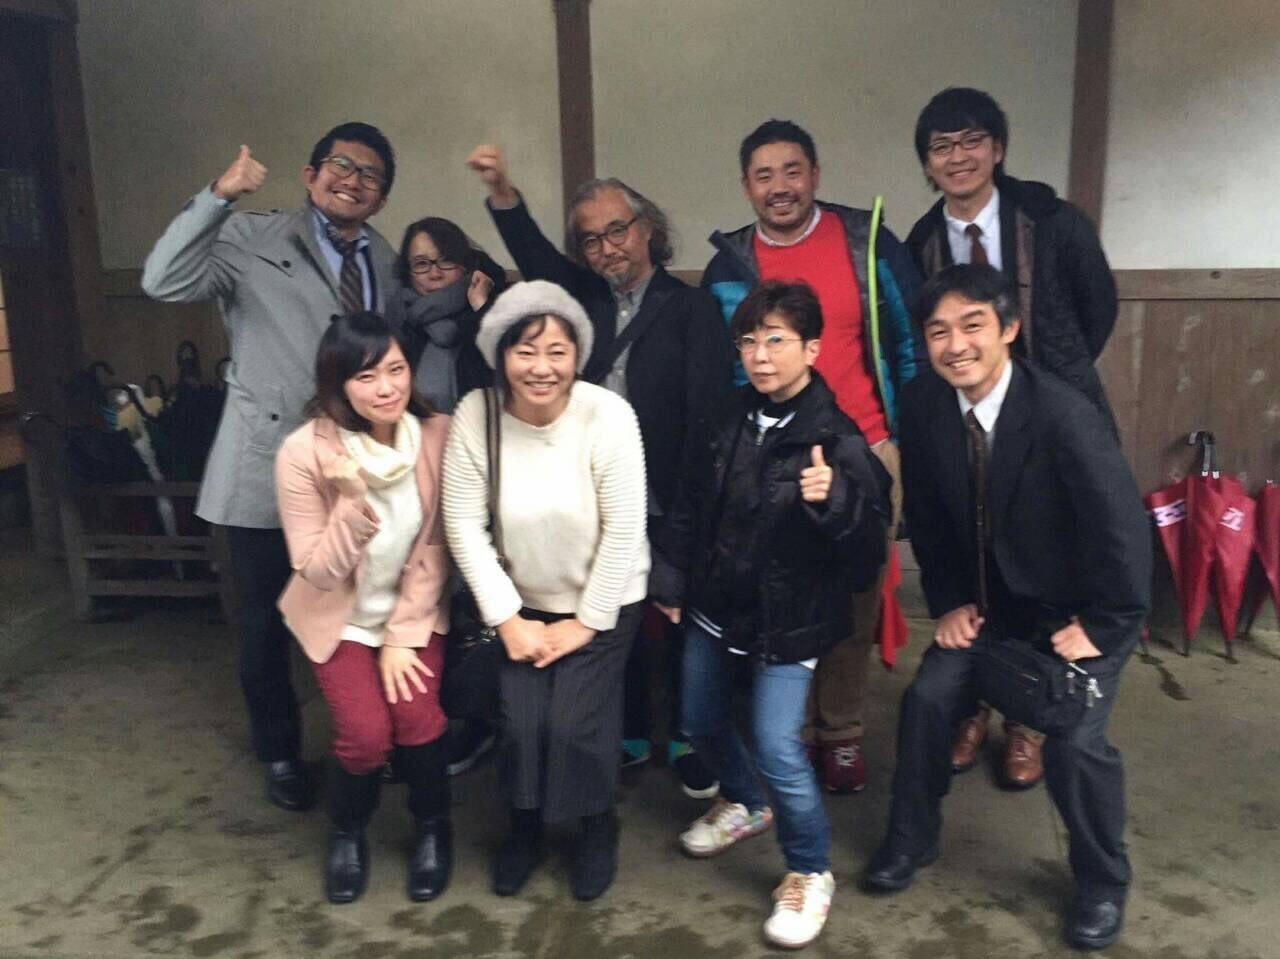 南阿蘇鉄道「ワンピースラッピング列車」出発セレモニー_a0163623_23181790.jpg